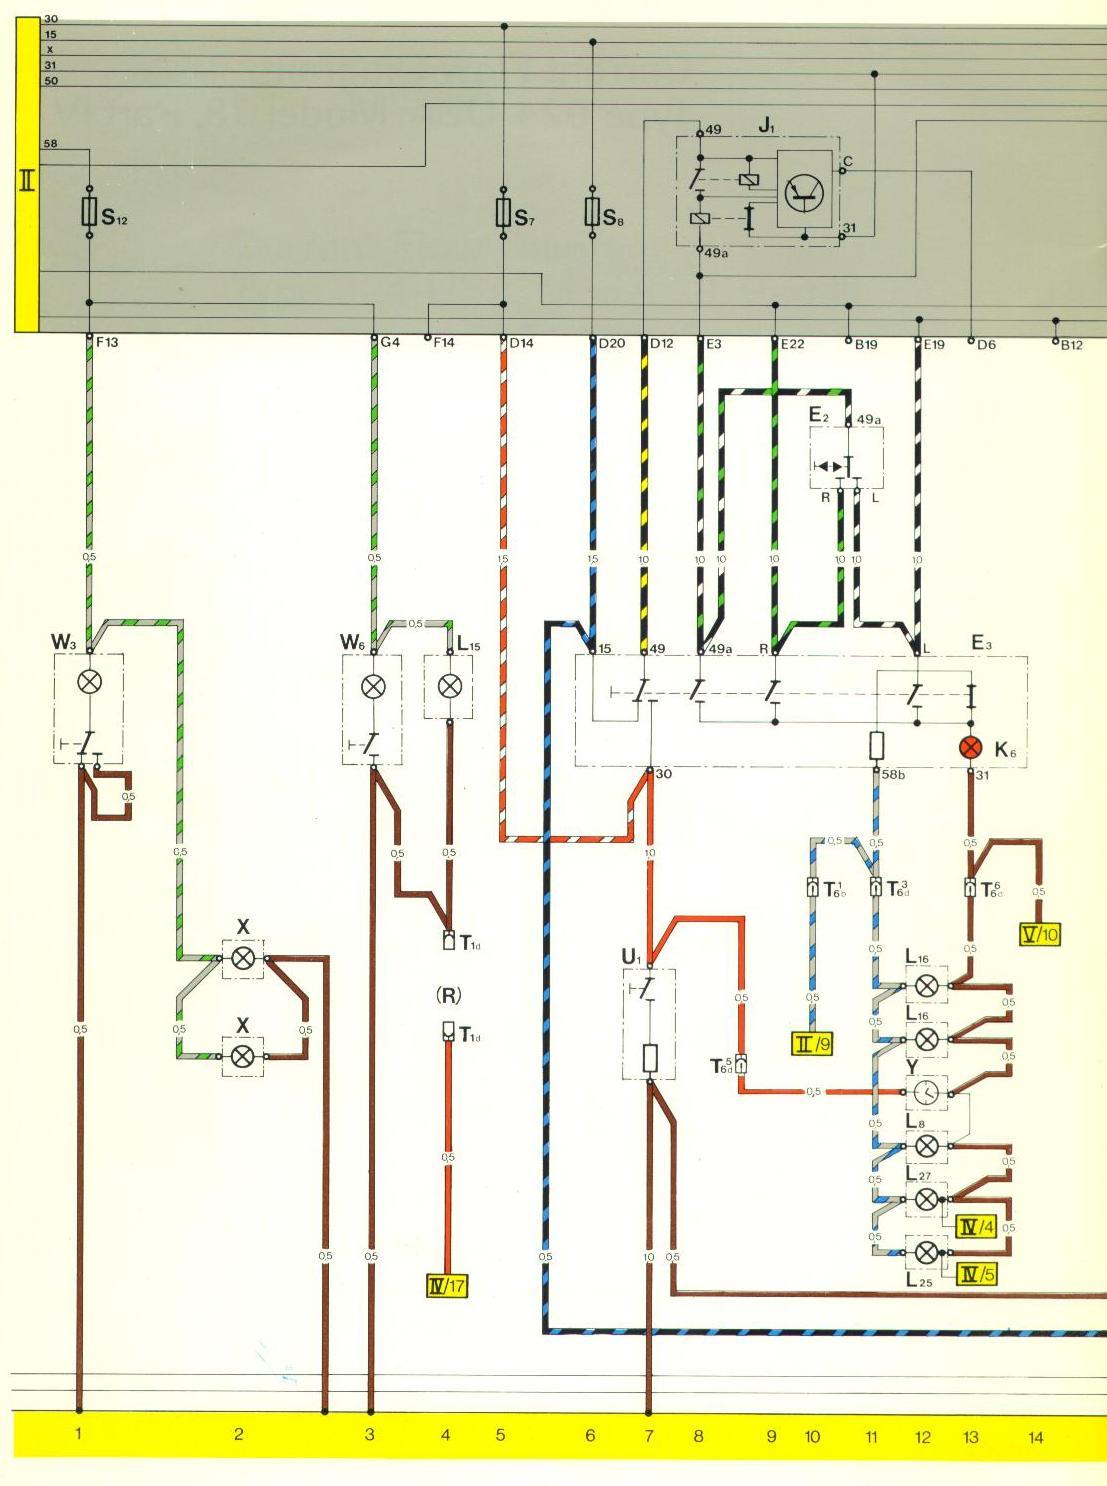 Porsche 914 wiring diagrams porsche 01 mustang radio wiring 912E Craigslist 1976 912 E Brown Porsche 996 on 1976 porsche 912e wiring diagram schematic